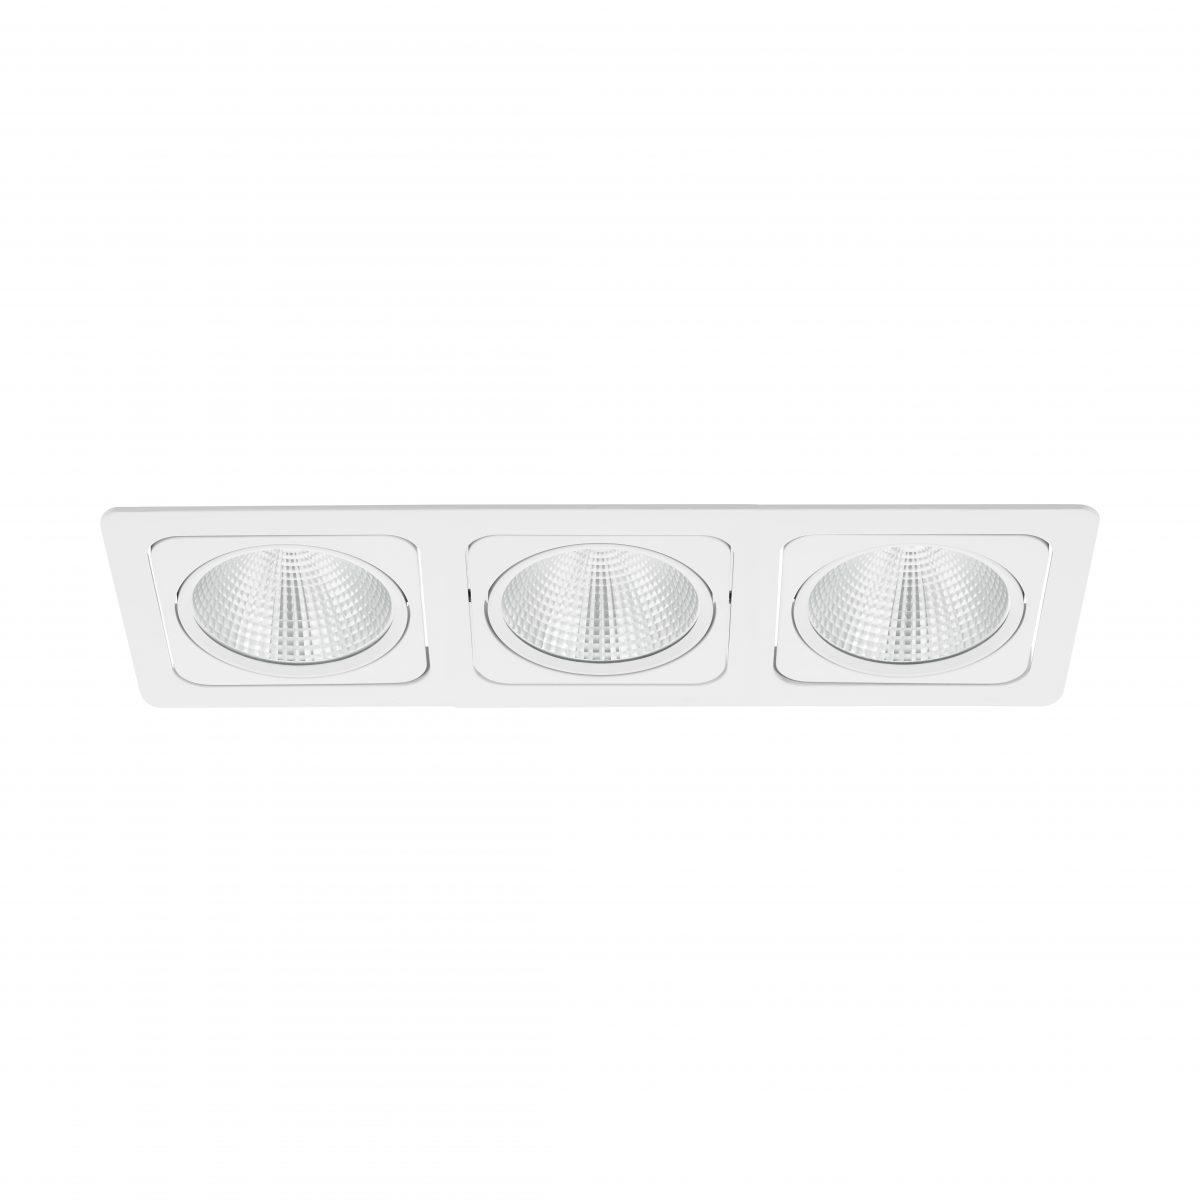 Светильник настенно-потолочный VASCELLO/PROFESSION EGLO 61682 - Фото №28